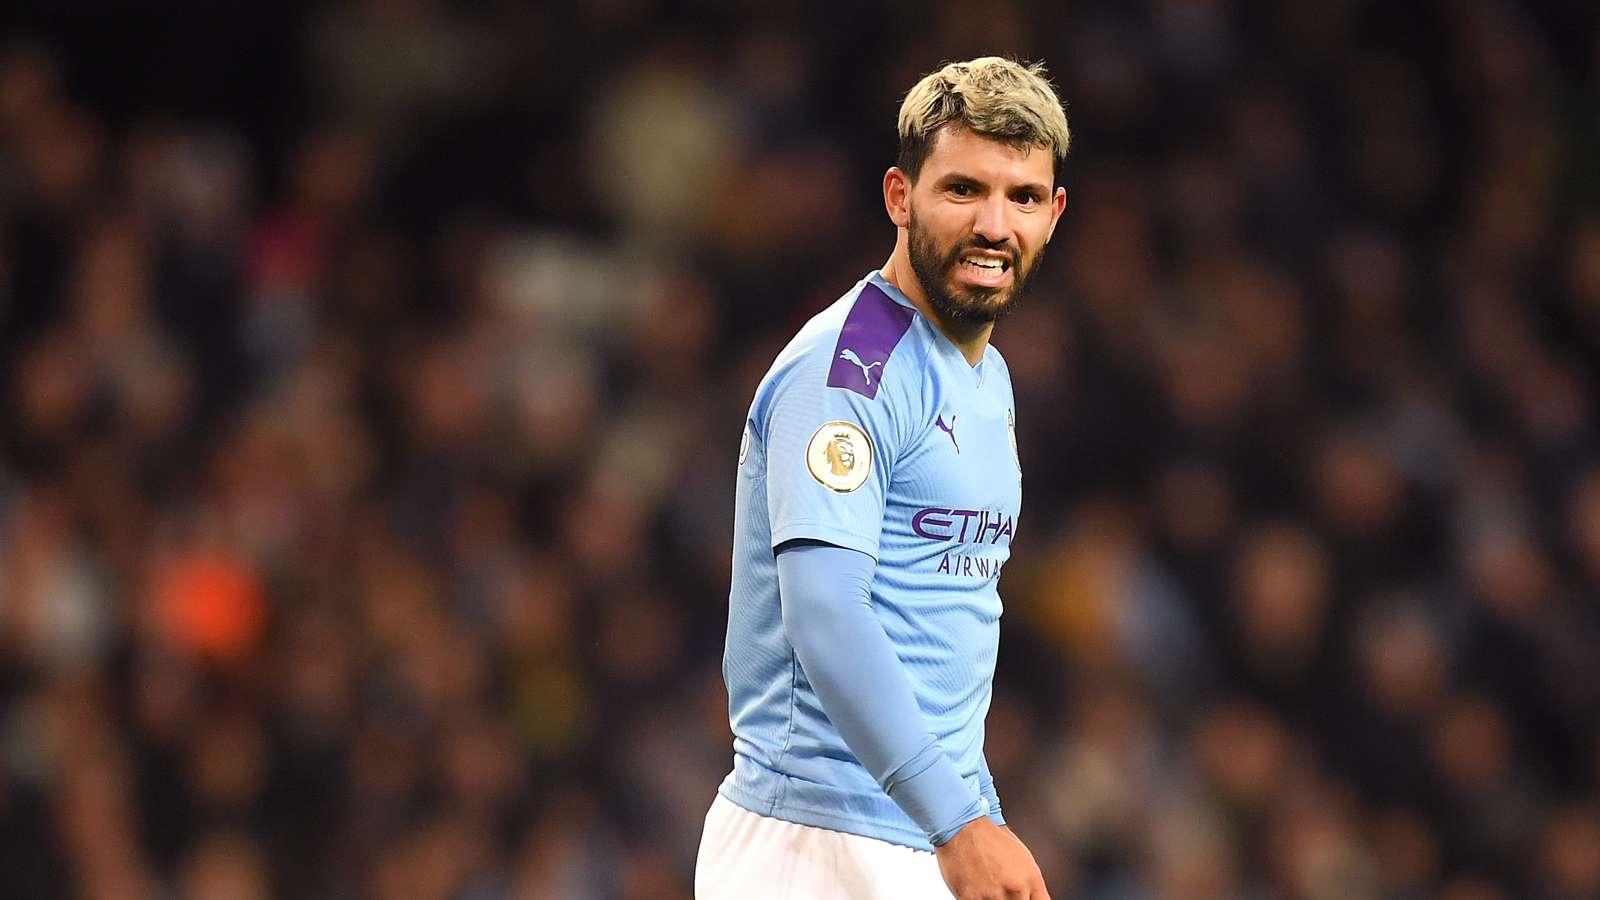 Manchester City-Premier League-Argentina-England-سیتیزنها-منچسترسیتی-لیگ برتر-آرژانتین-انگلیس